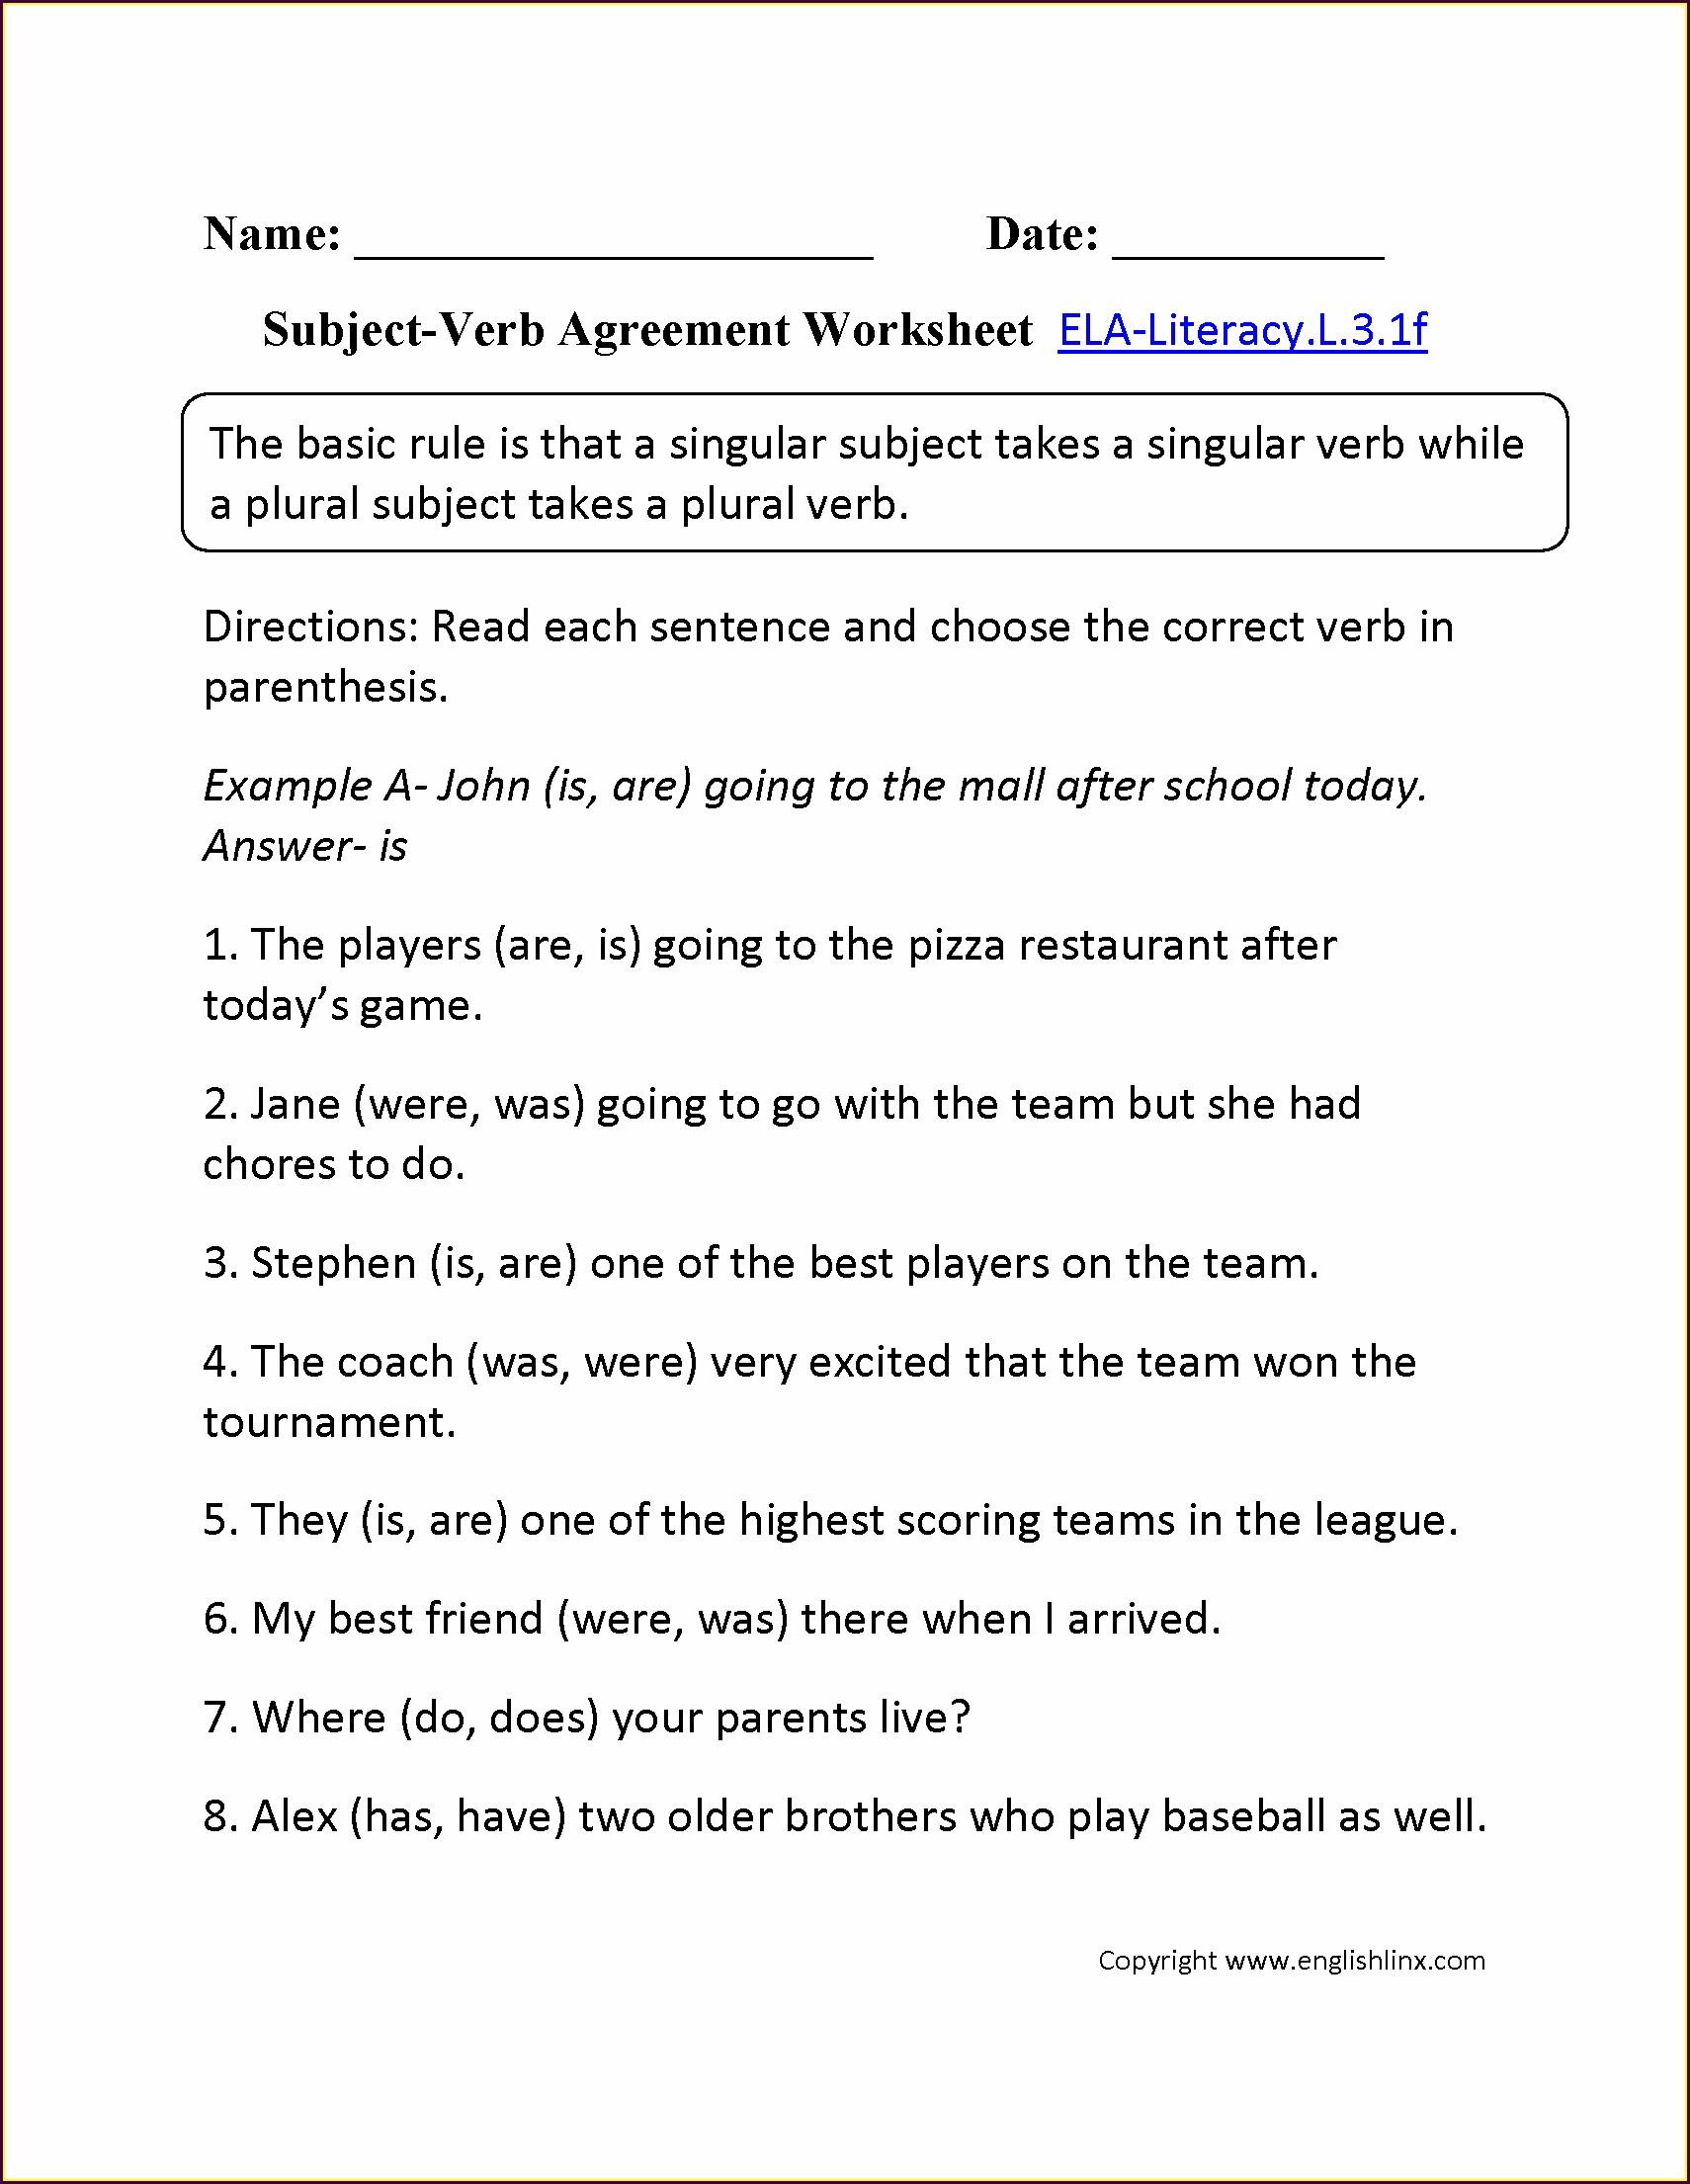 Subject Verb Agreement Worksheet For Grade 9 Worksheet